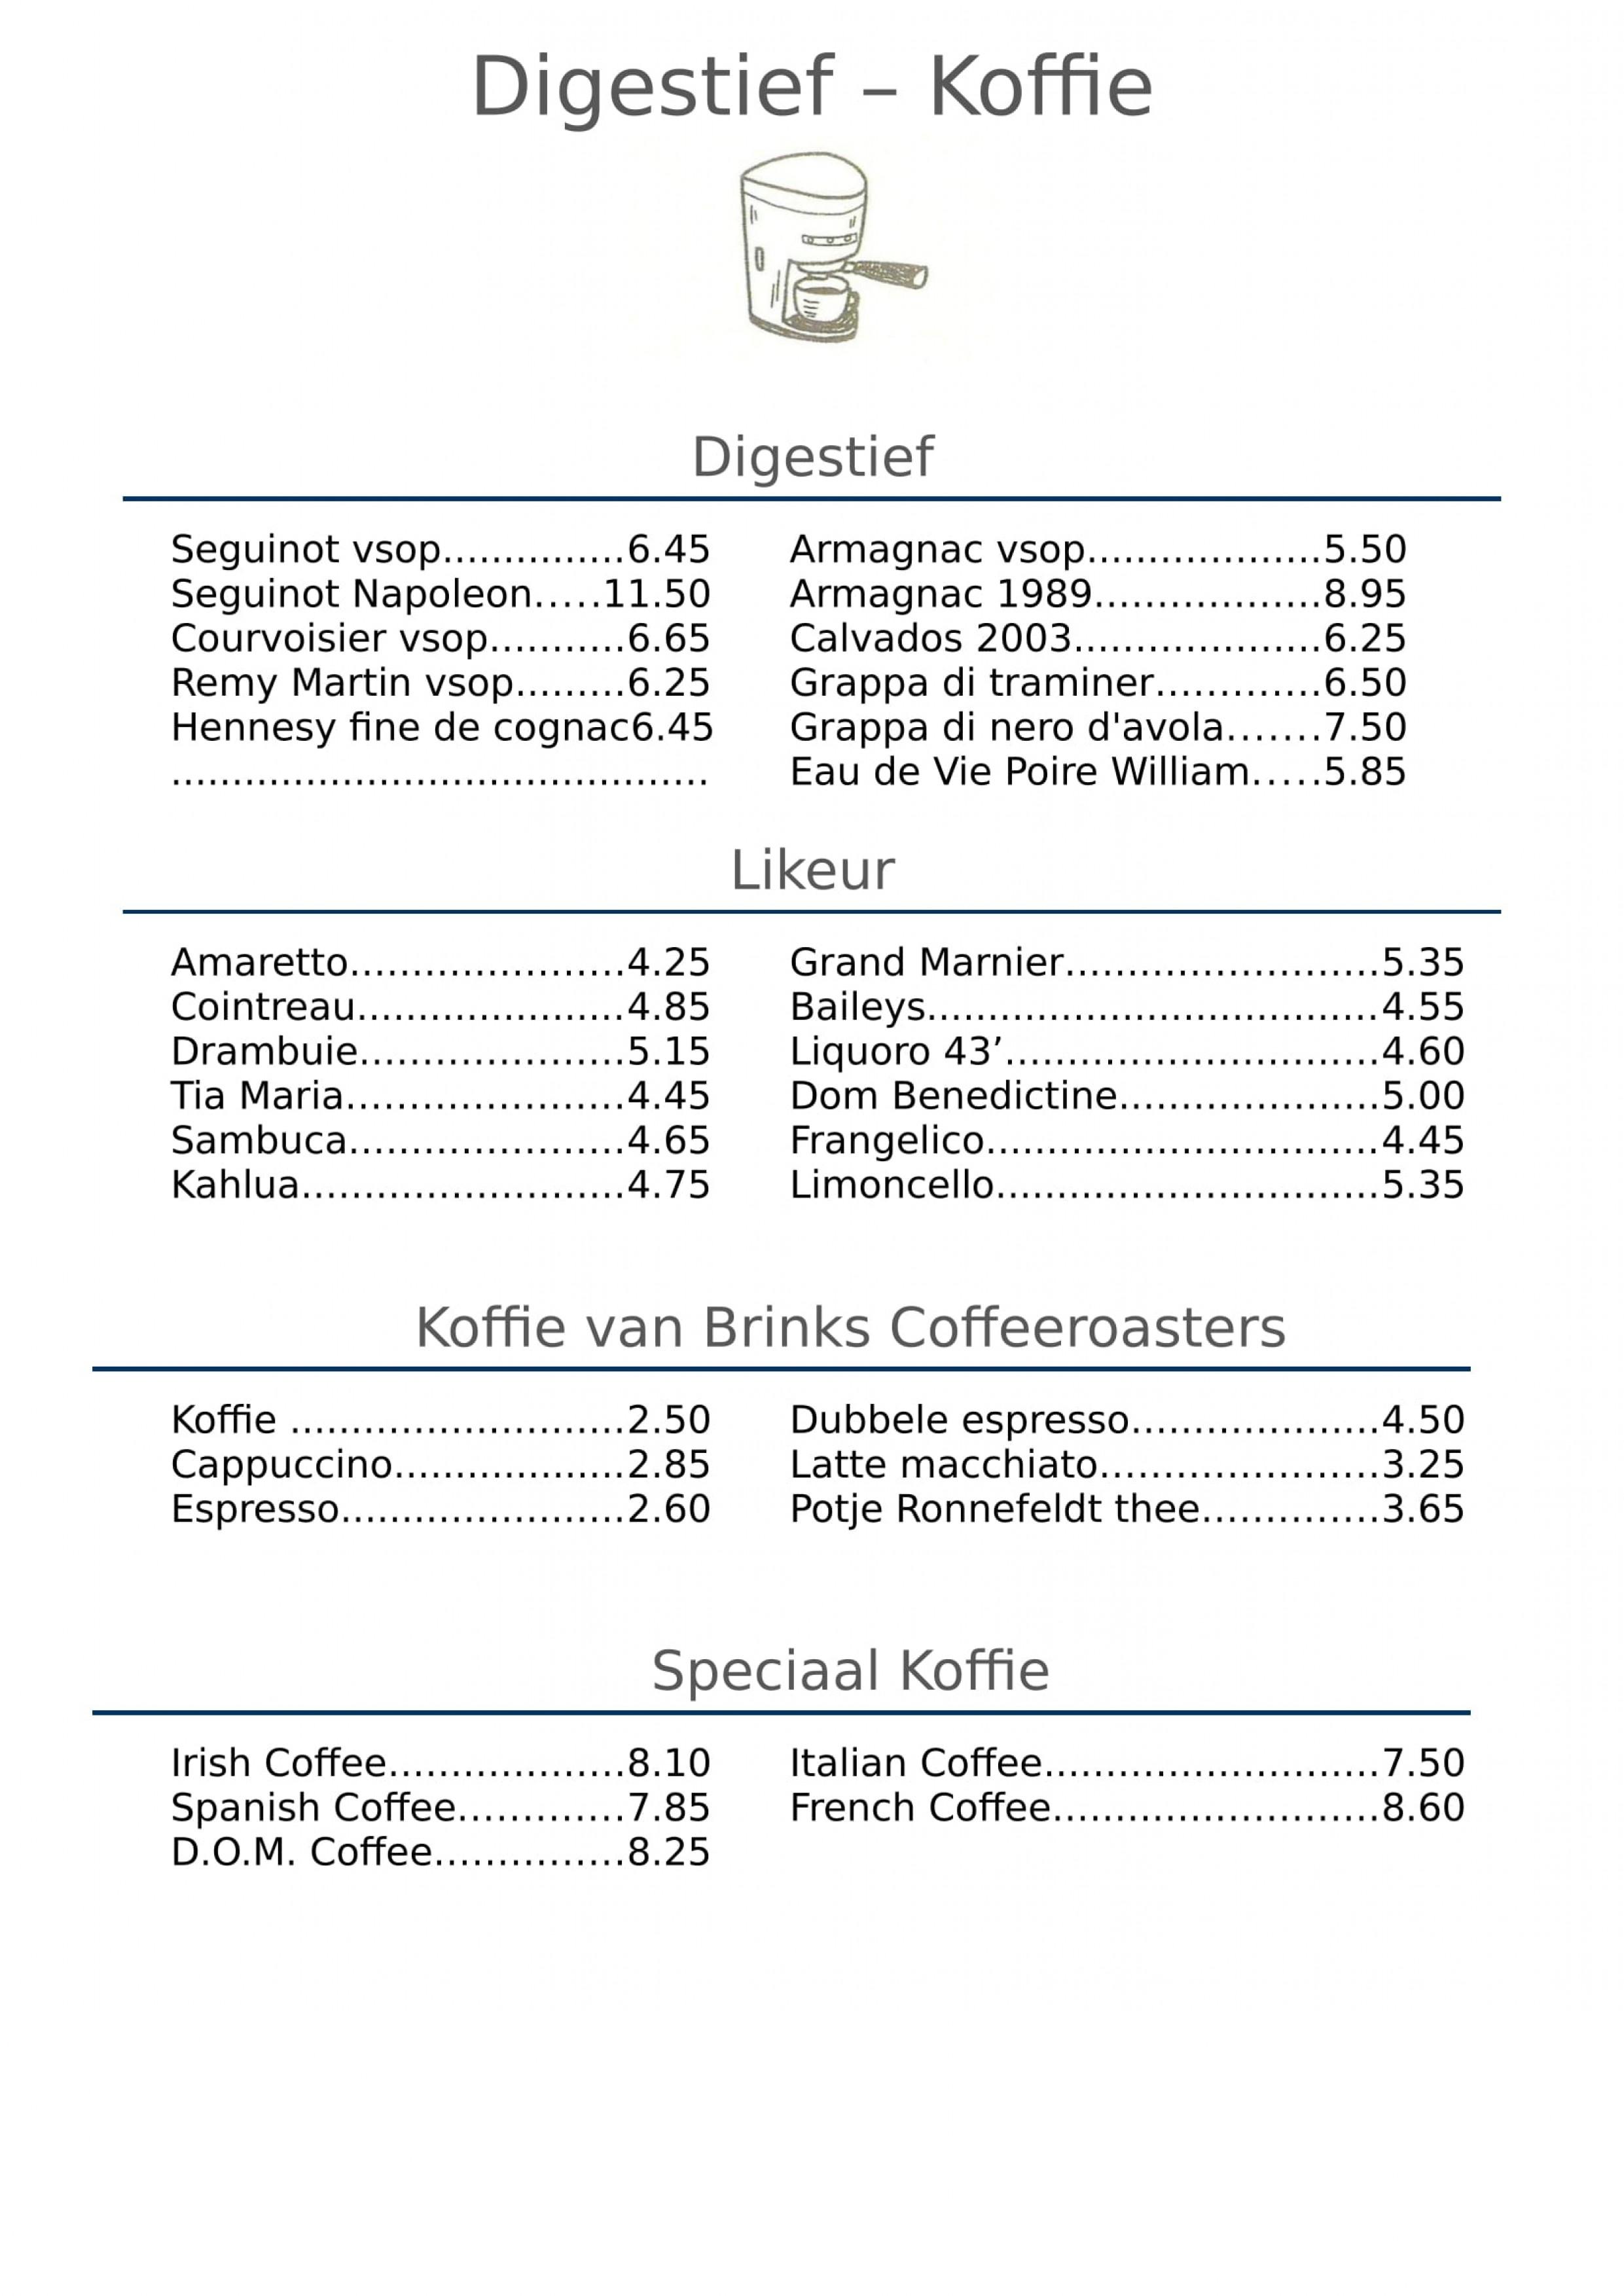 2019-07-13  A4 koffie.jpg